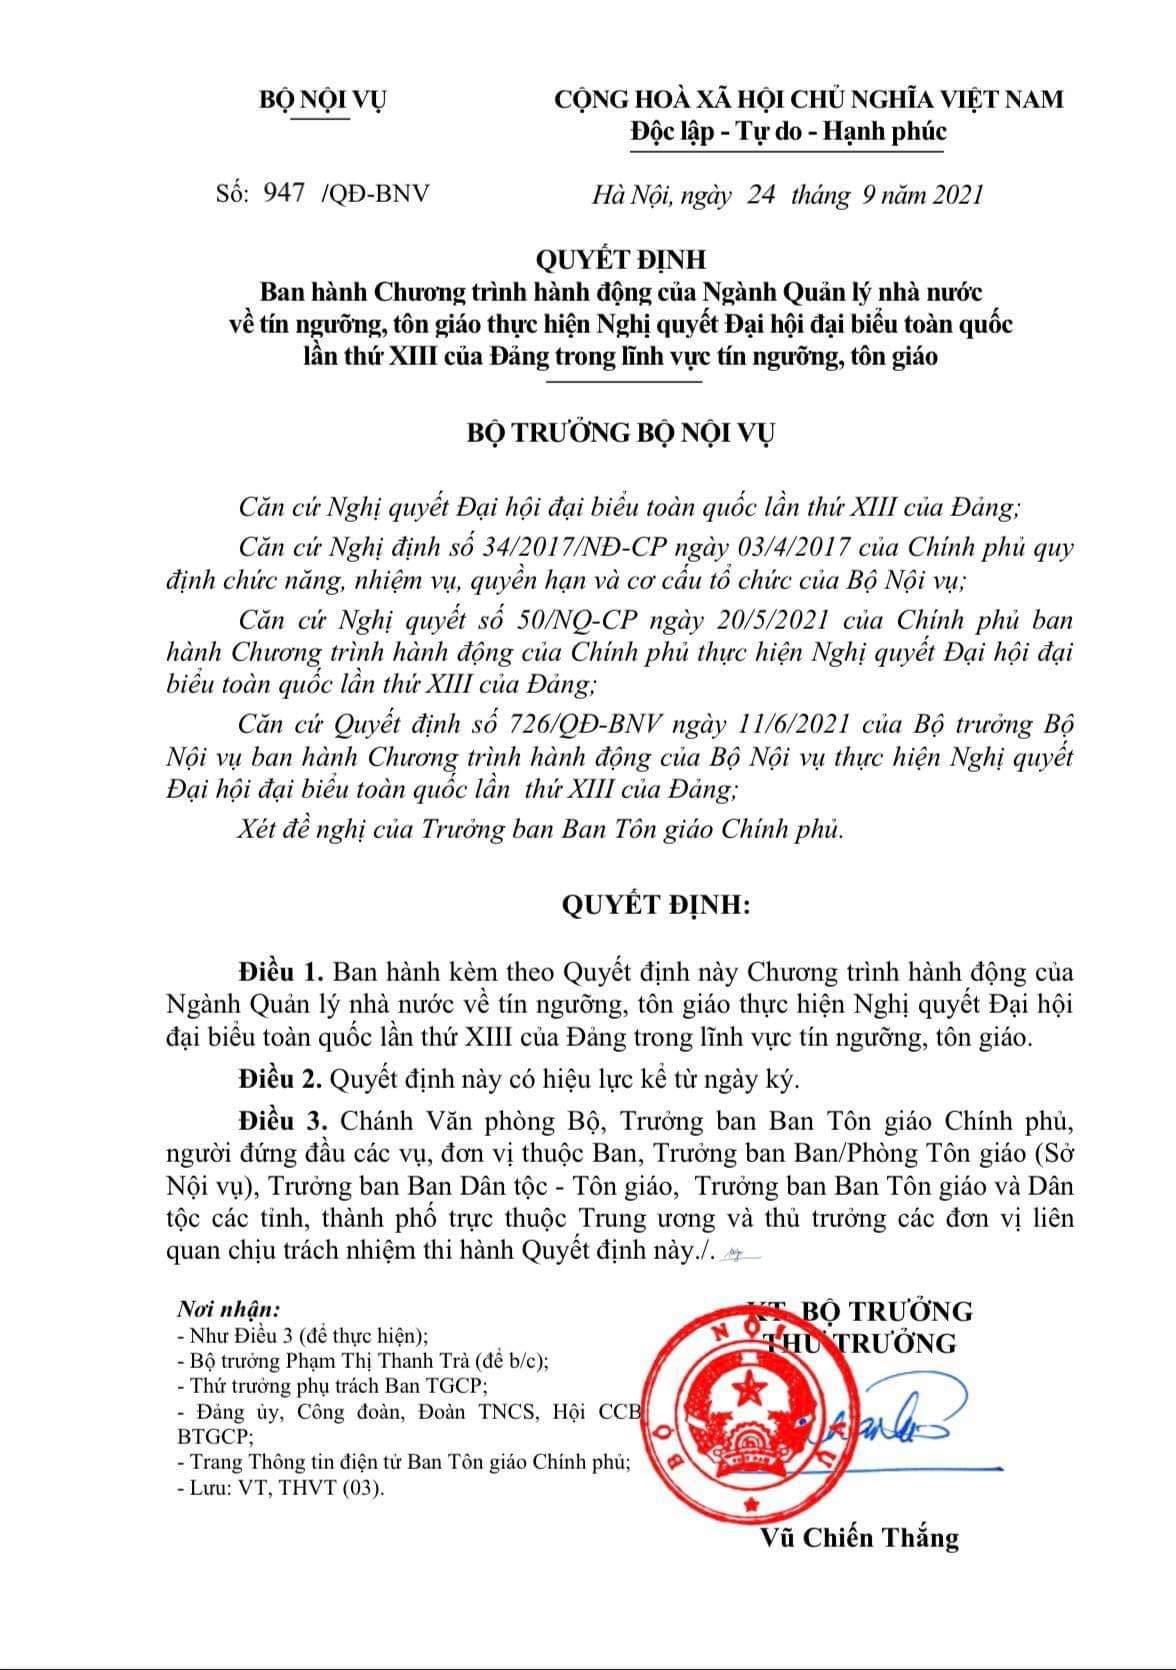 chuong-trinh-hanh-dong-cua-nganh-quan-ly-nha-nuoc-ve-tin-nguong-ton-giao-thuc-hien-nghi-quyet-dai-hoi-dai-bieu-toan-quoc-lan-thu-xiii-cua-dang